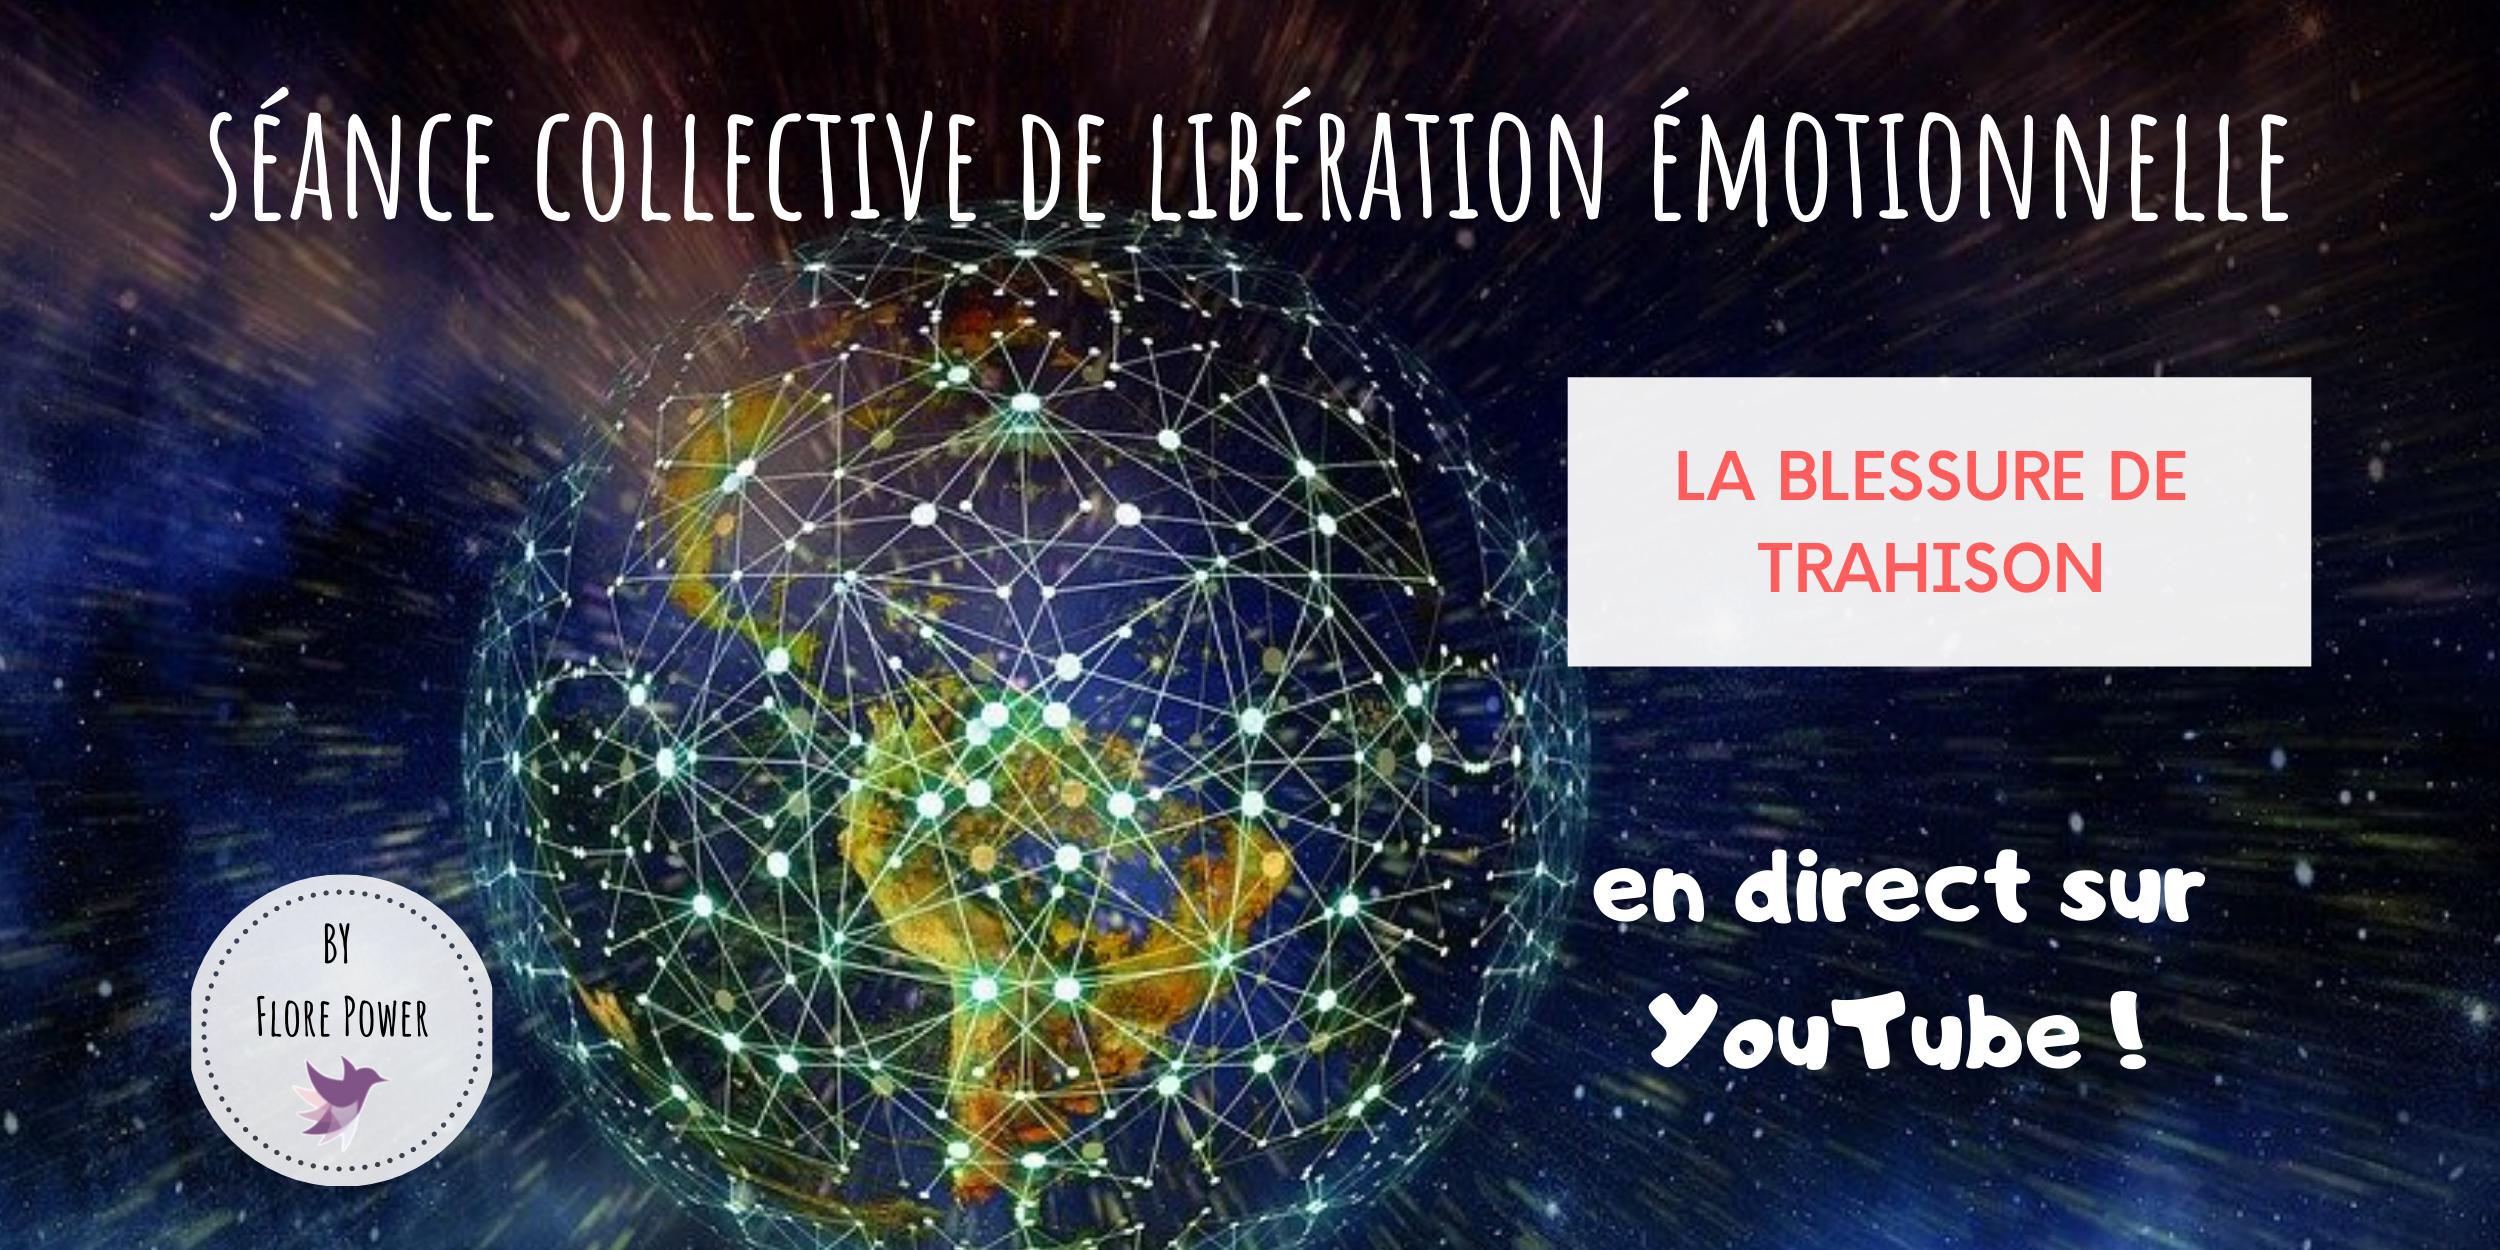 SÉANCE COLLECTIVE DE LIBÉRATION ÉMOTIONNELLE : LA BLESSURE DE TRAHISON